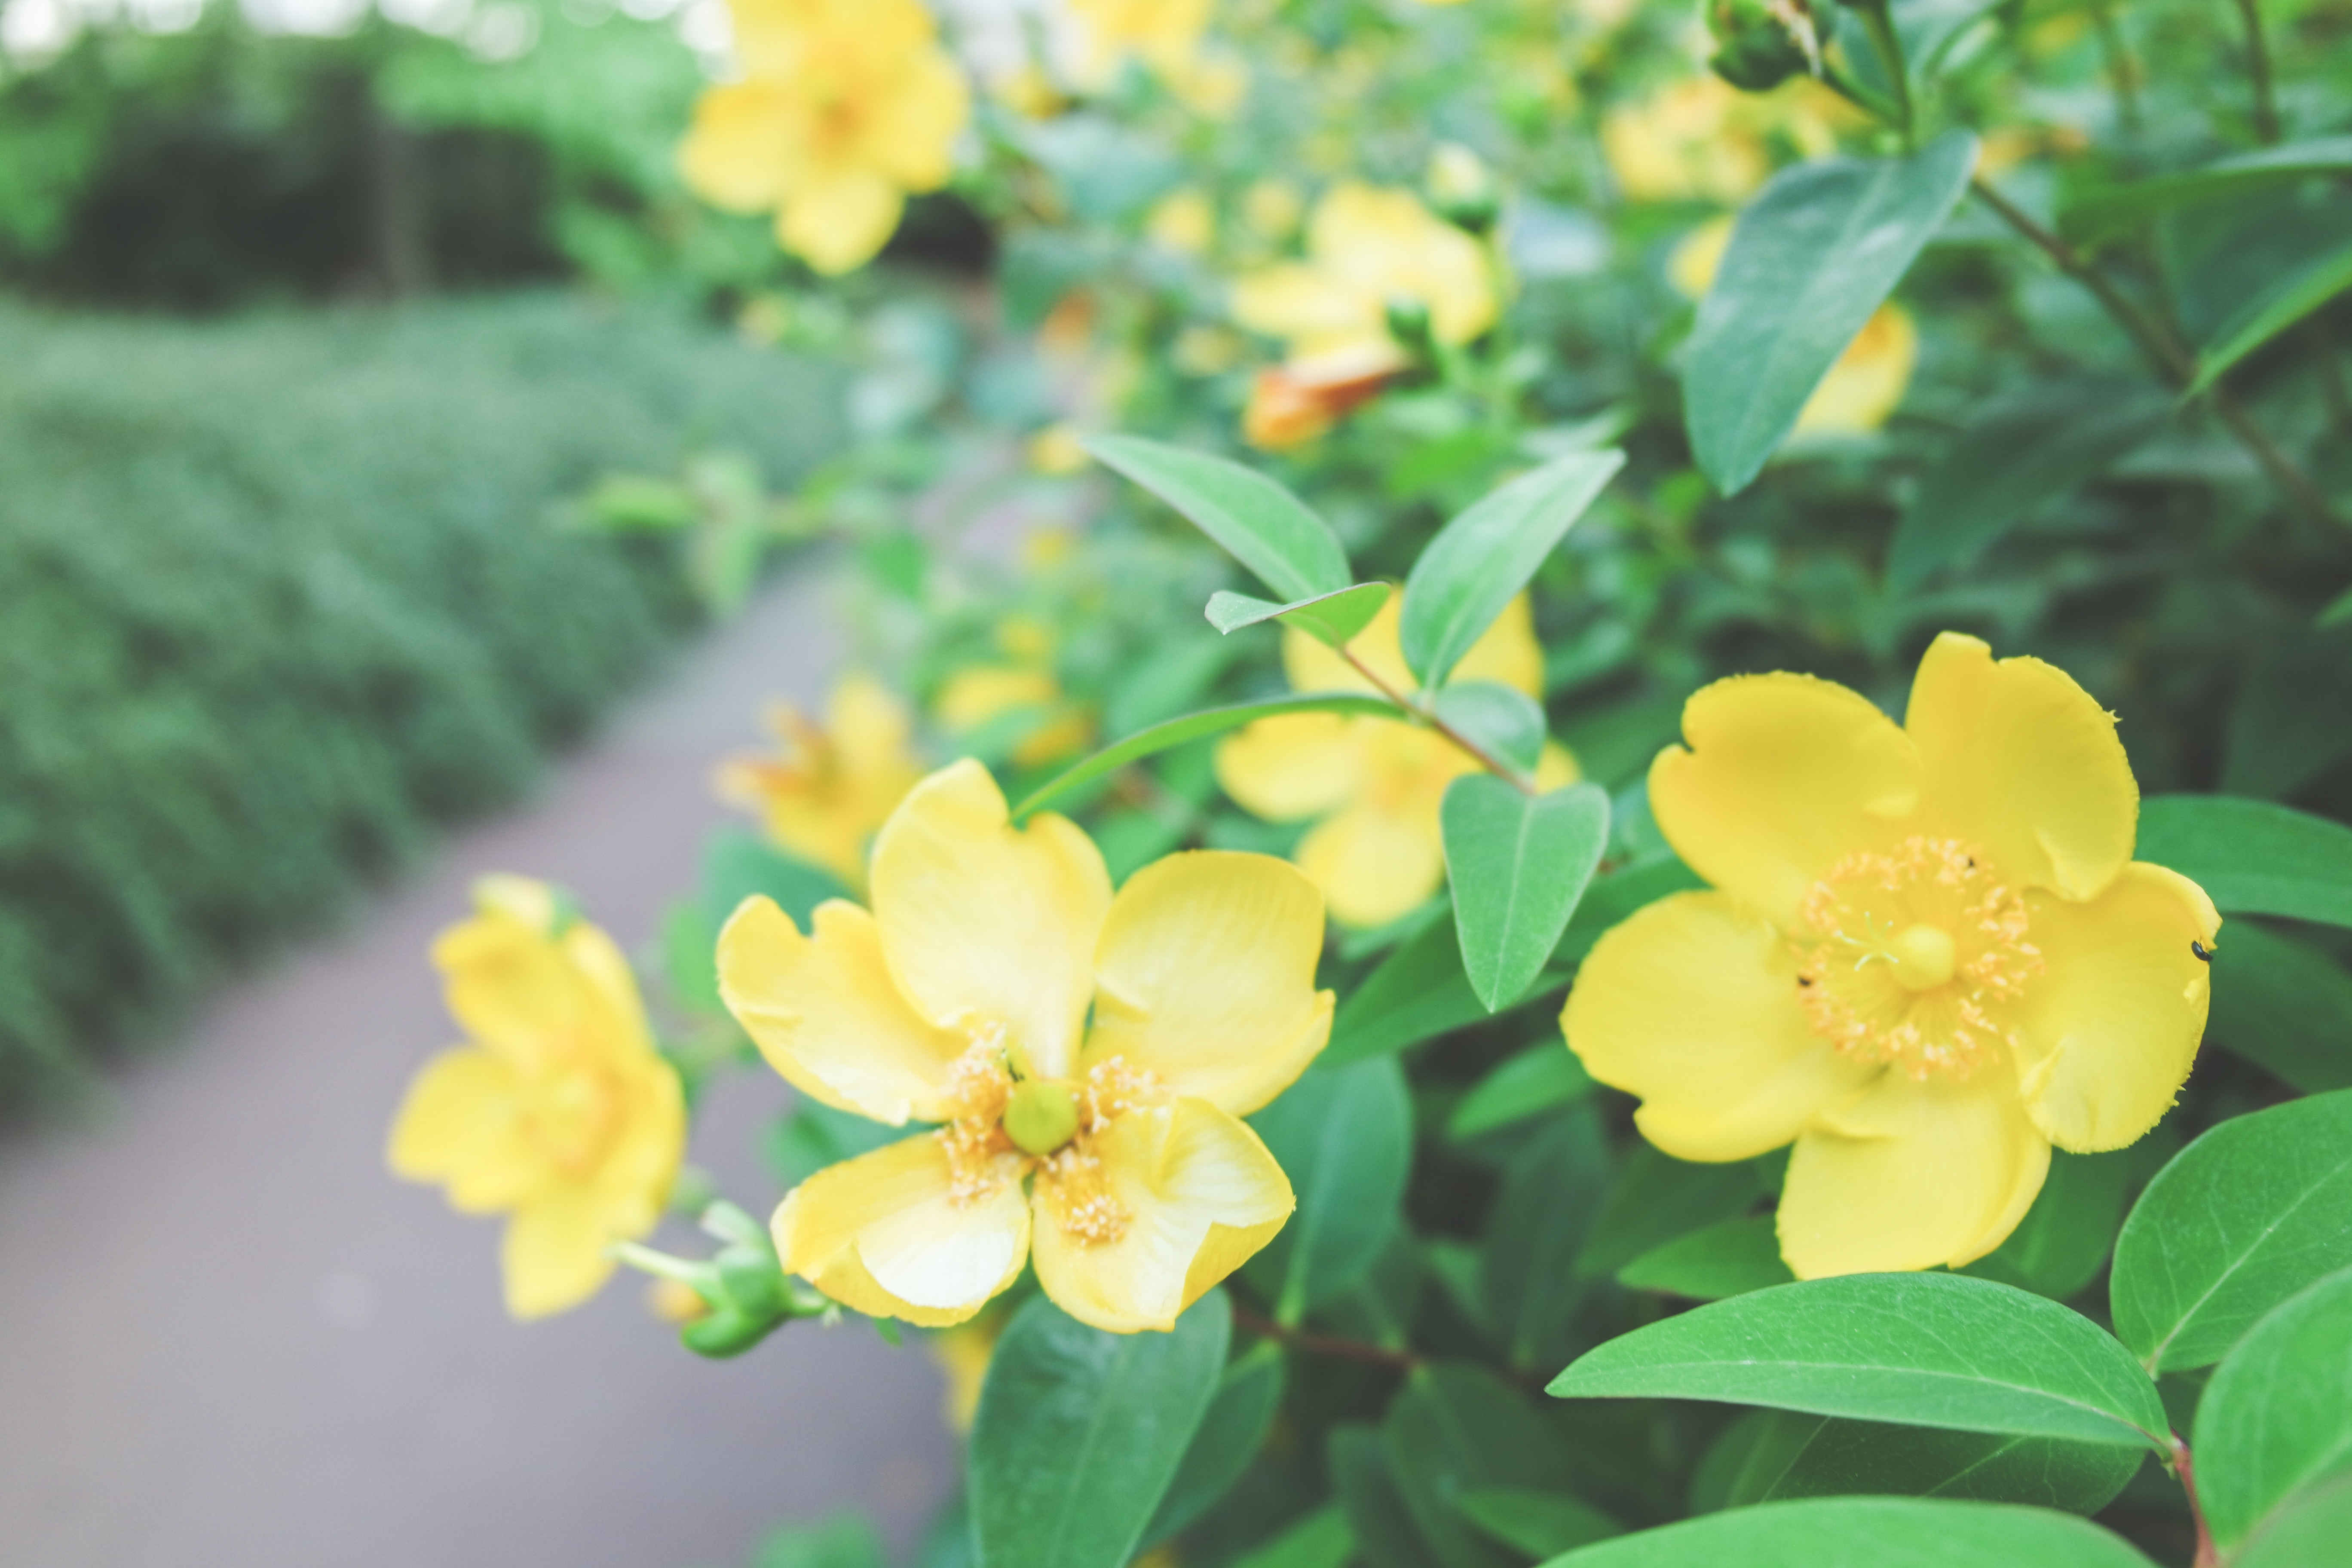 Les méthodes douces pour entretenir votre jardin